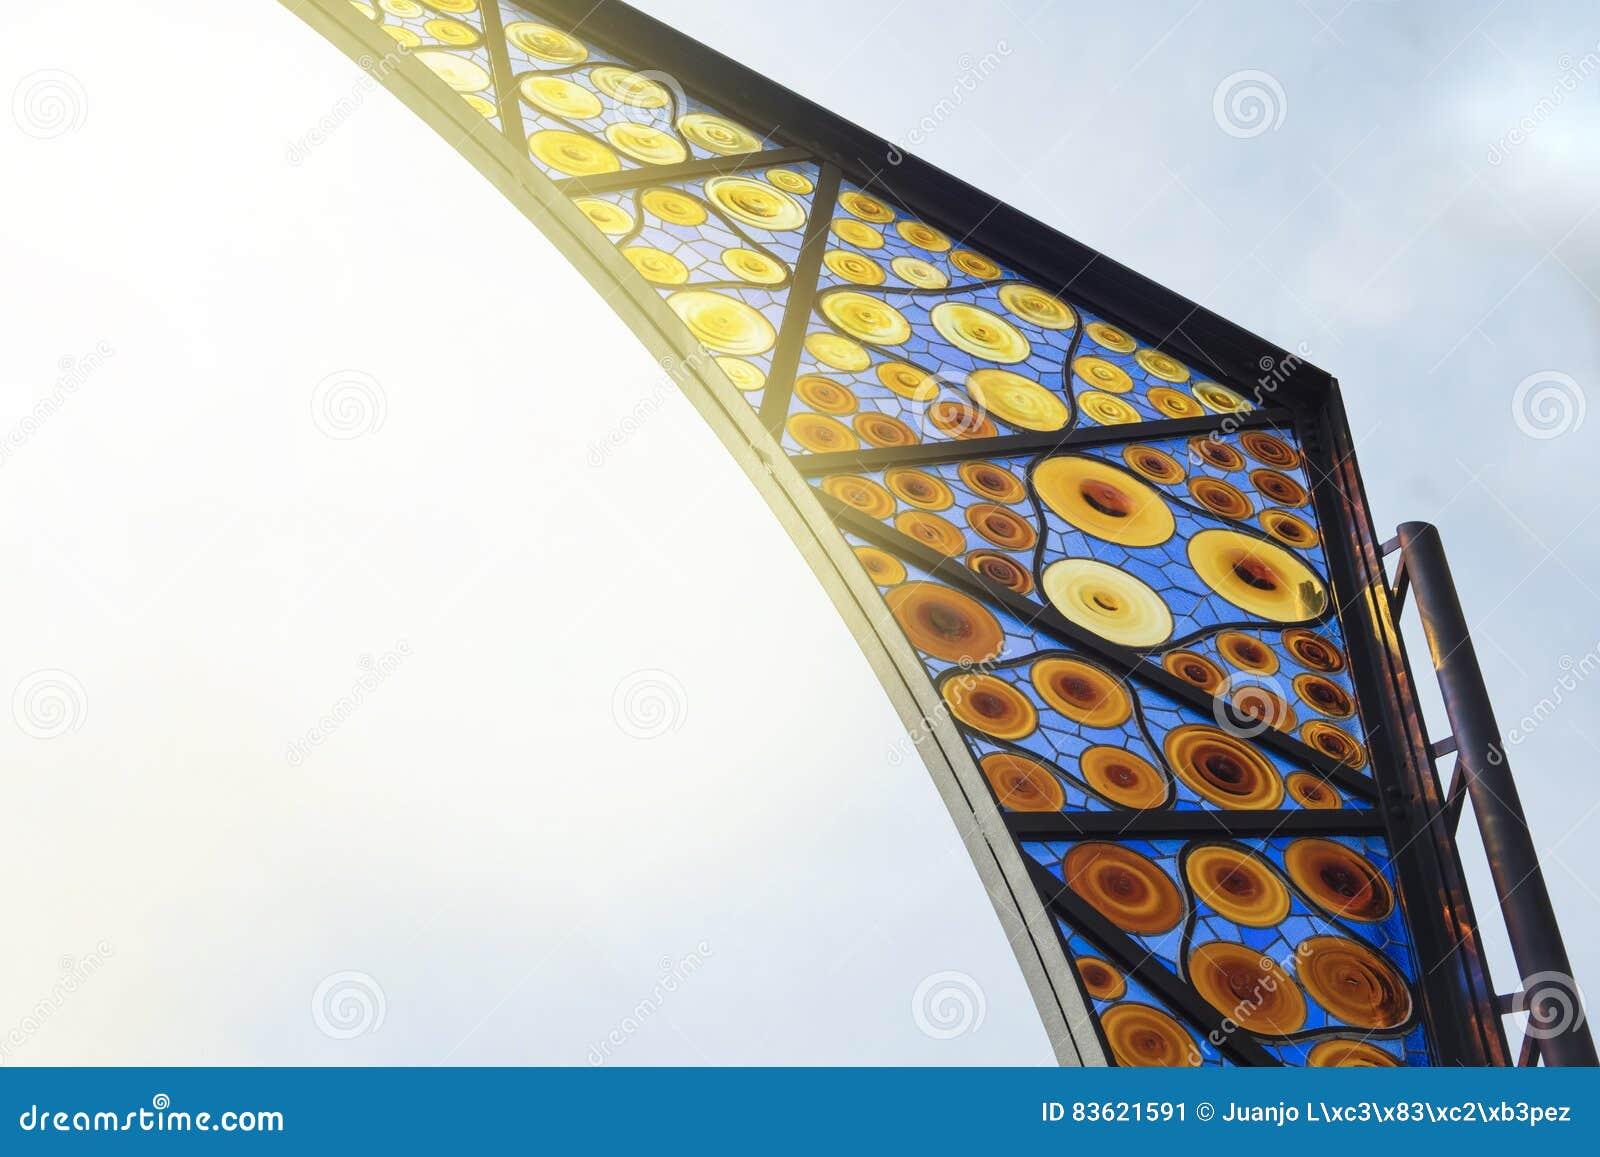 Barcelone, Espagne - 26 septembre 2016 : Détail de la conception en verre de